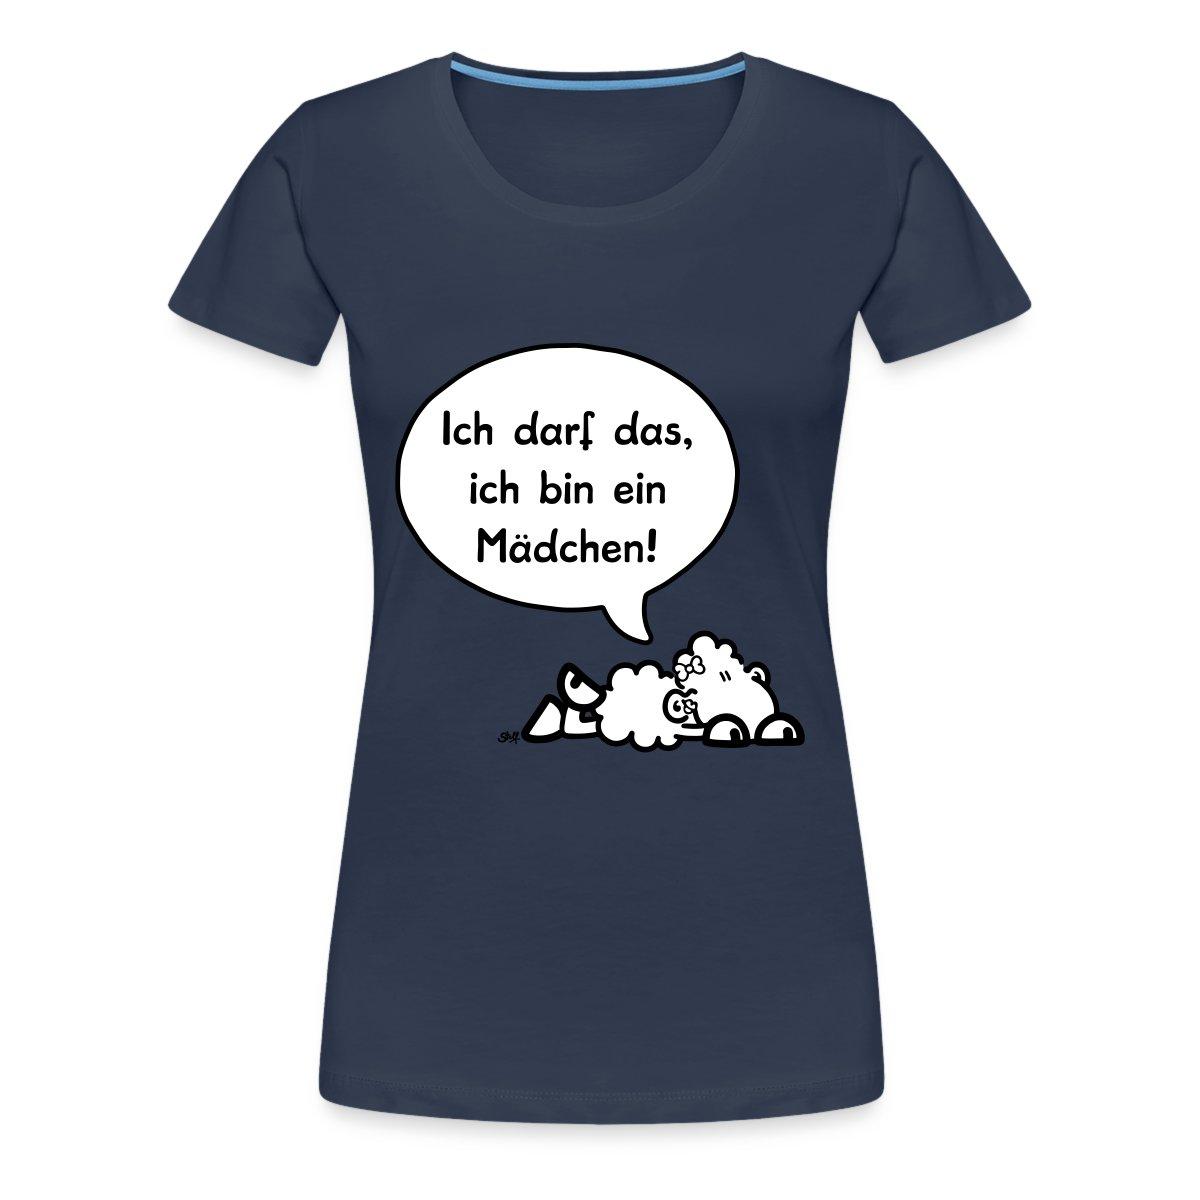 Sheepworld-Ich-darf-das-ich-bin-ein-Maedchen-Frauen-Premium-T-Shirt-von